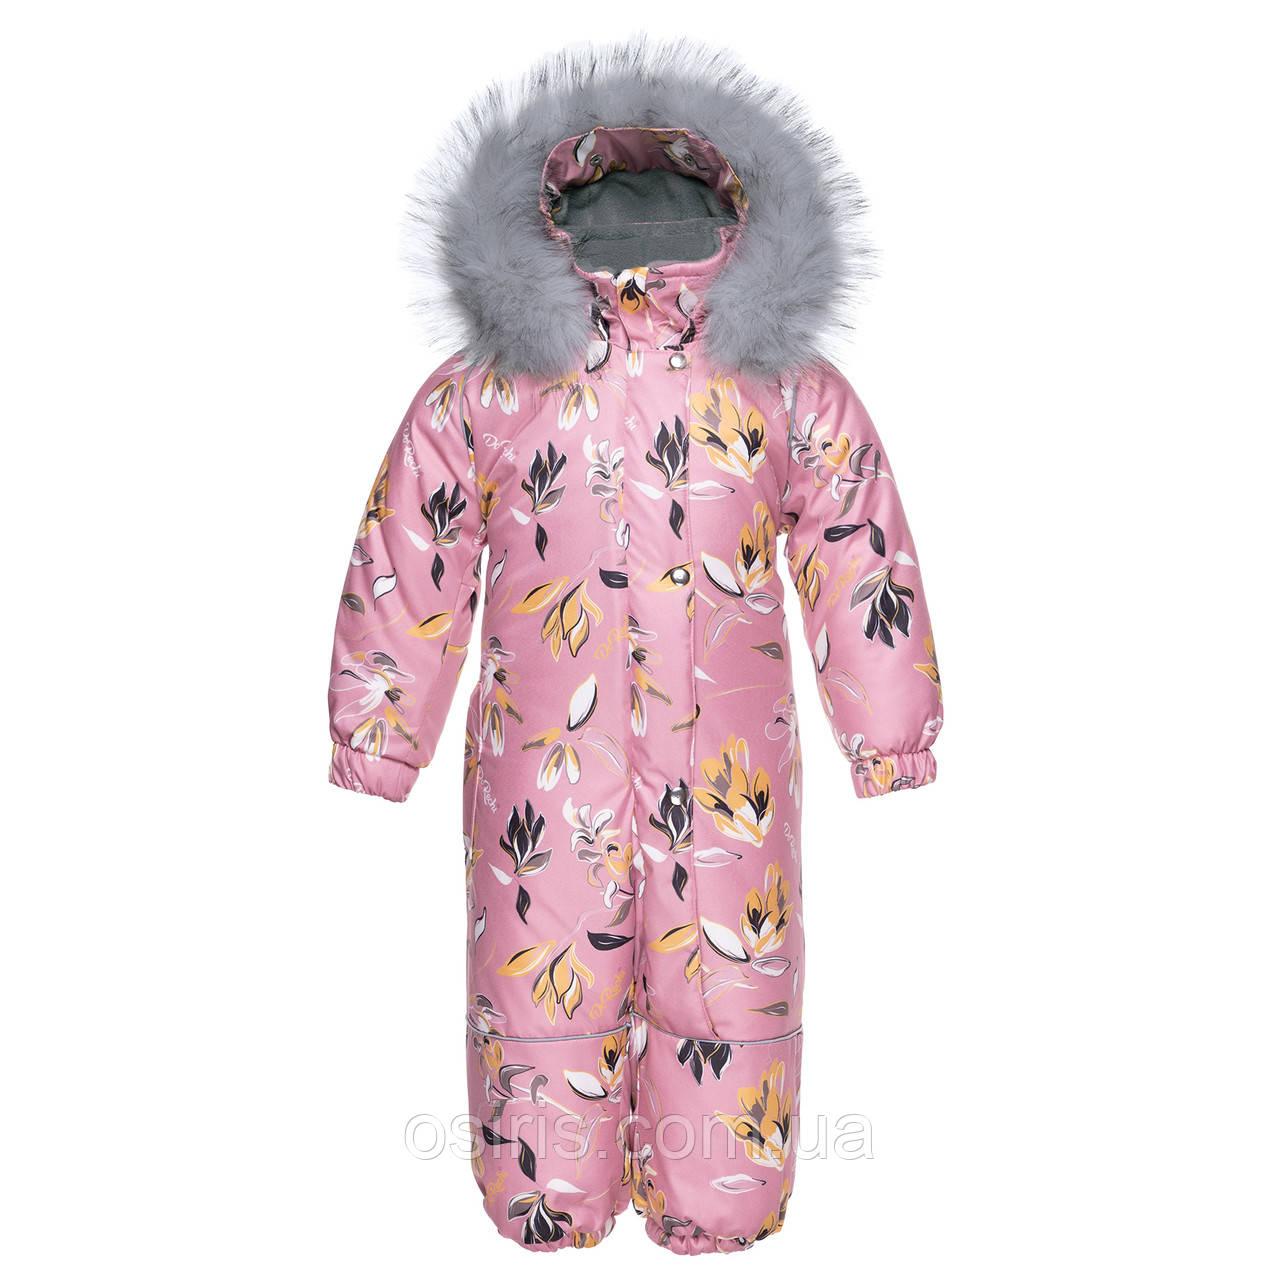 Комбинезон зимний детский Apollo Розовая мечта с Опушкой / Детские зимние комбинезоны